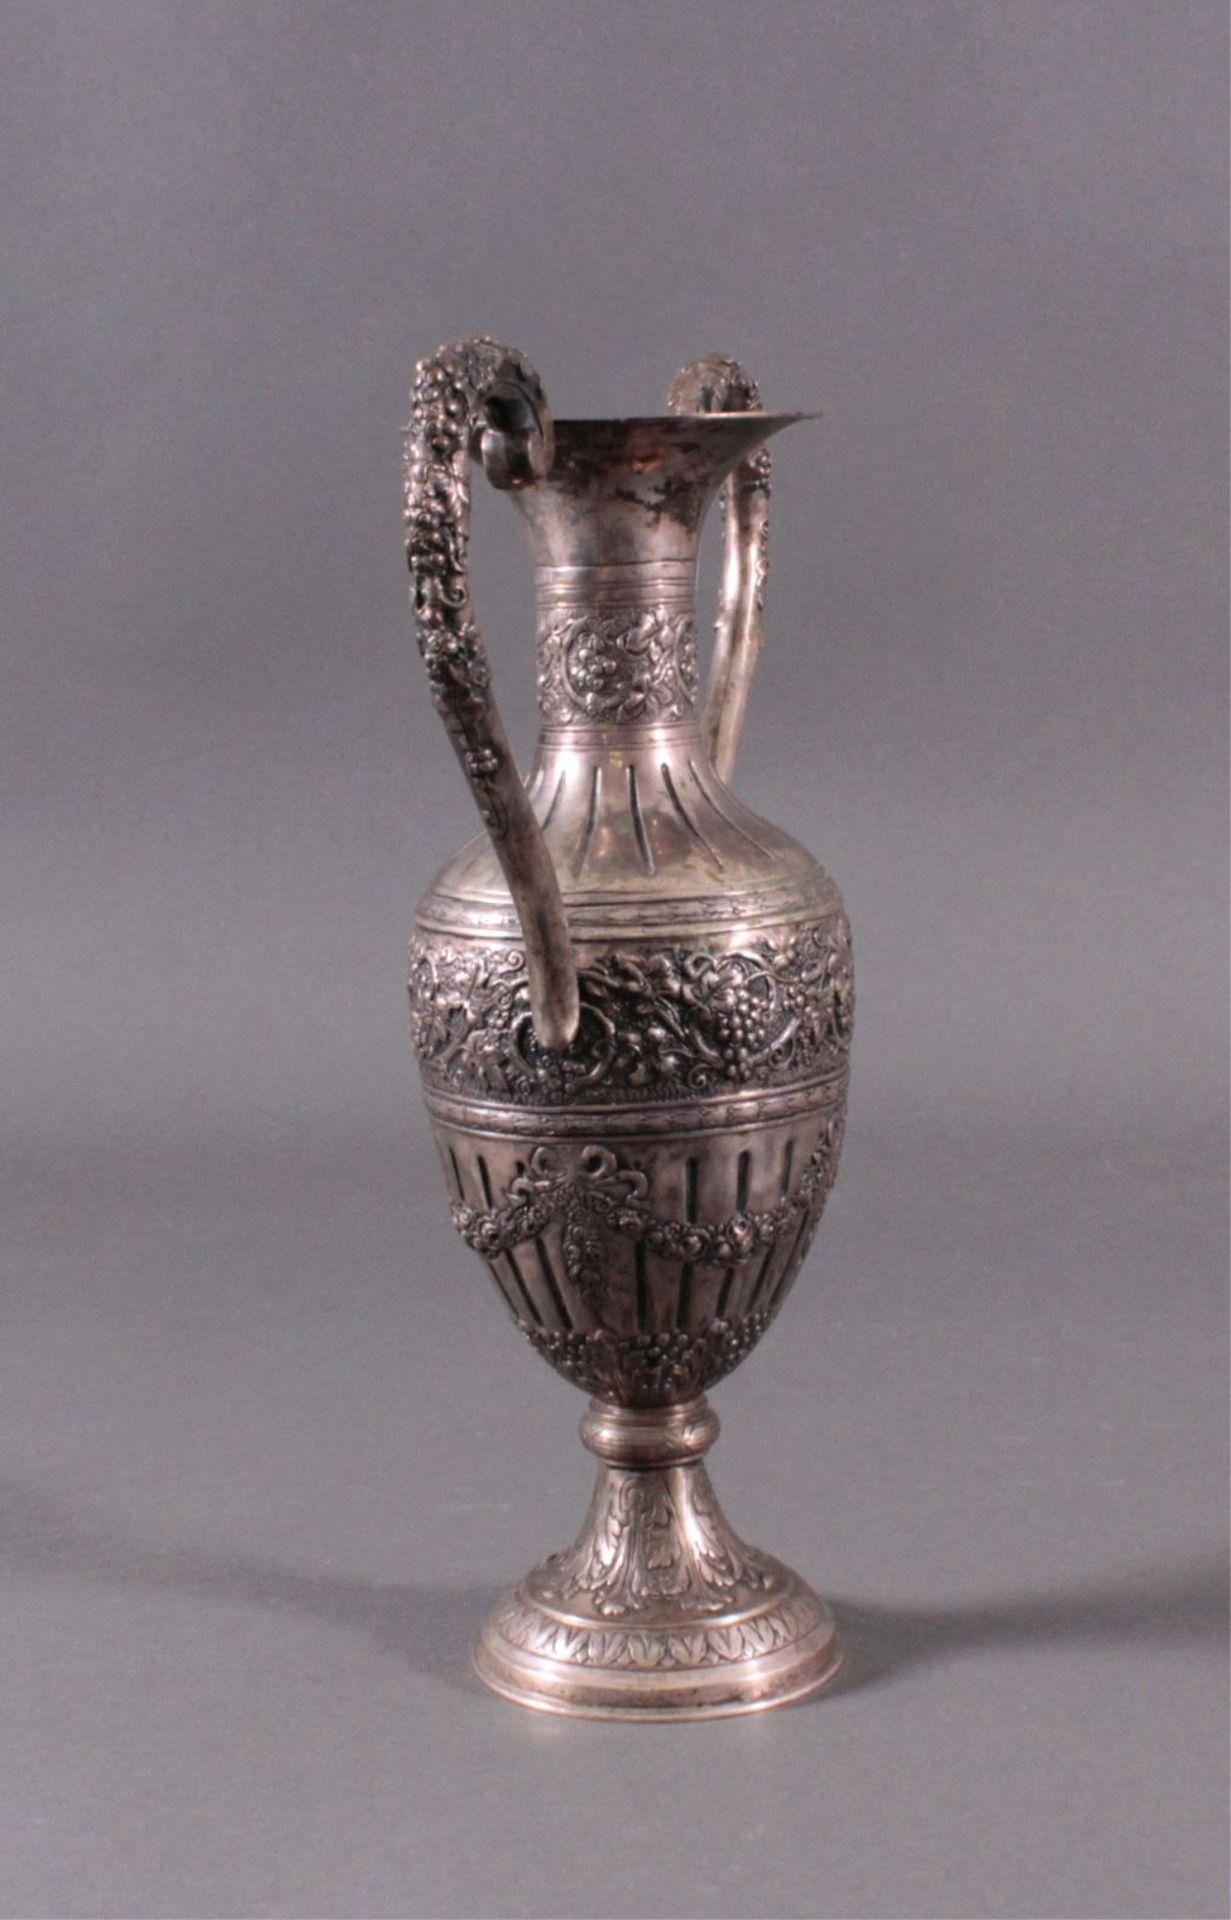 Amphorenvase, um 1900800er Silber, Sichel und Krone. Balusterförmig, Silbergetrieben, mit reichem - Bild 2 aus 4